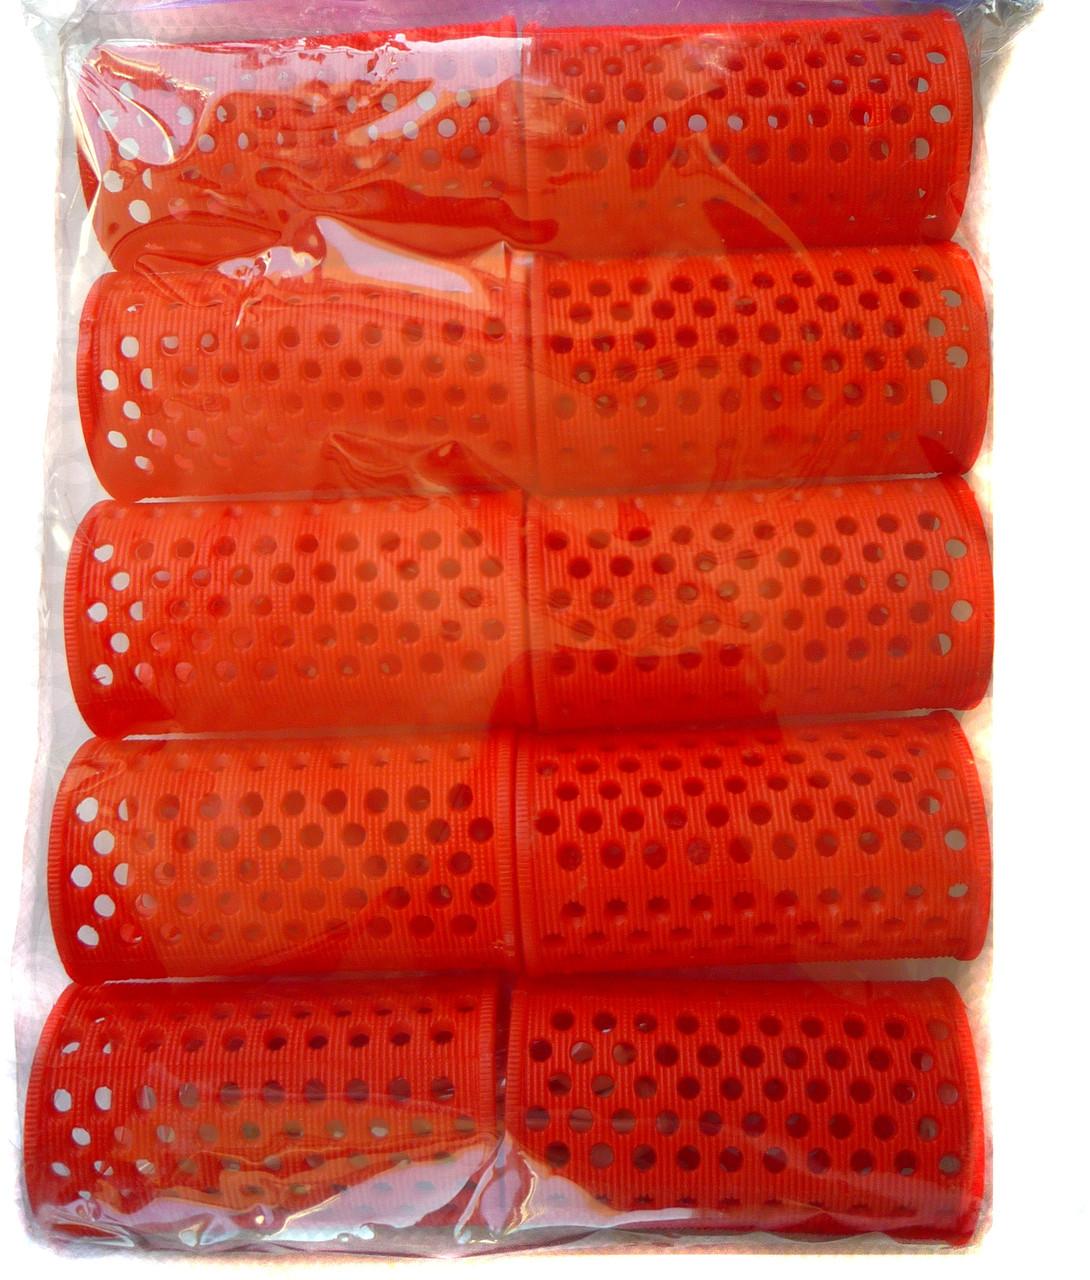 Comair, Пластмассовые бигуди длинные 10 штук, (65 мм/35 мм)